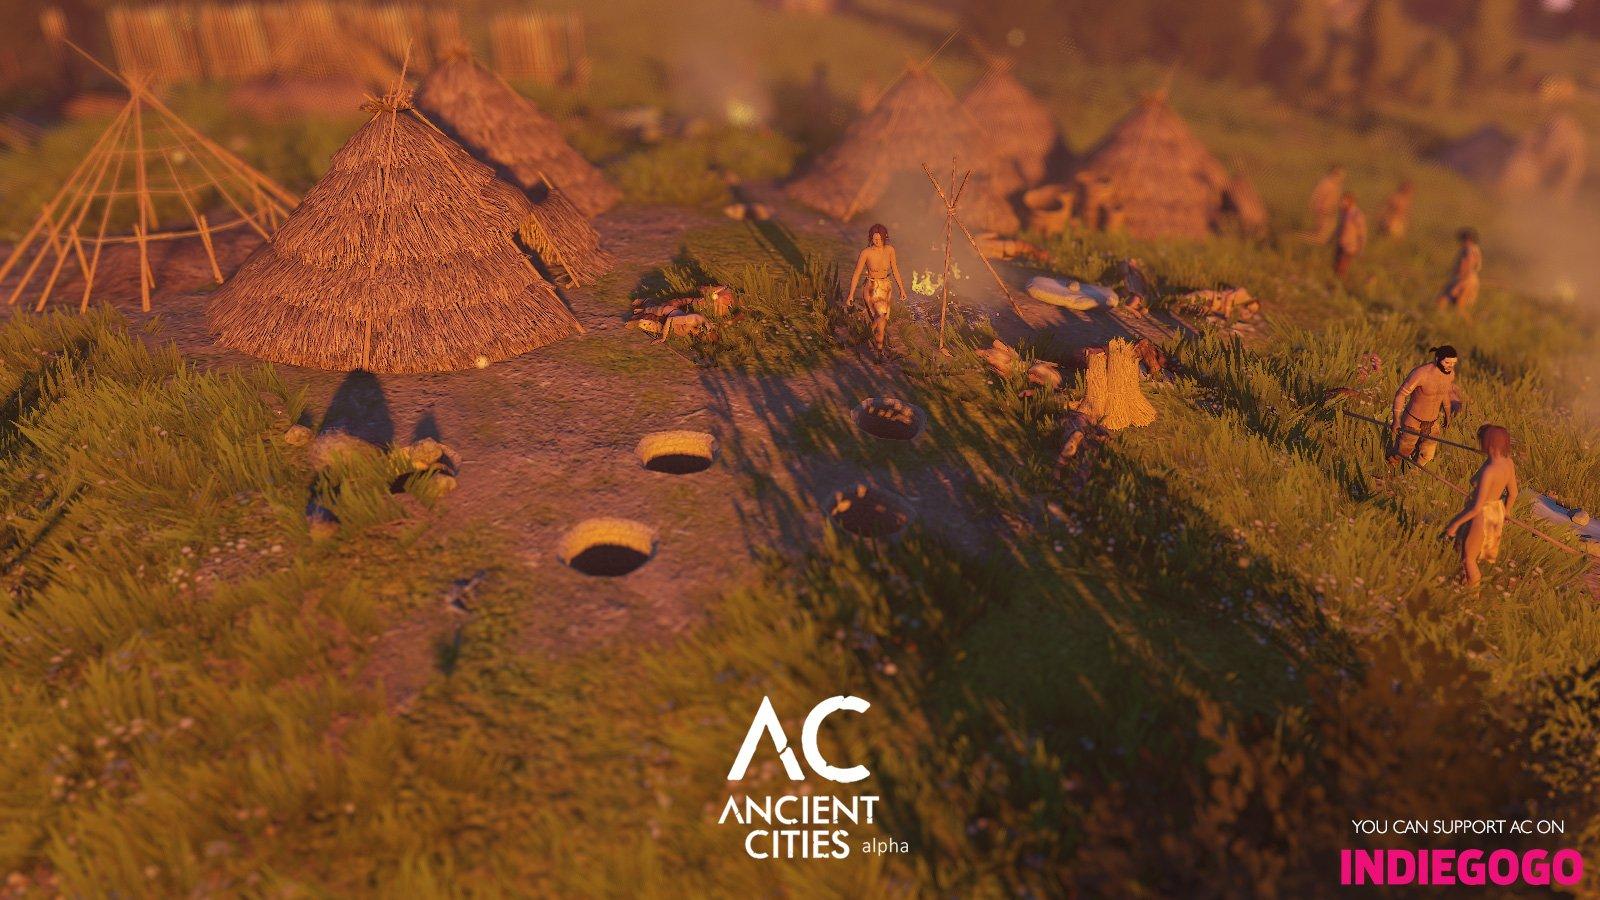 Ancient Cities DFWuVB-XUAQ2iEL